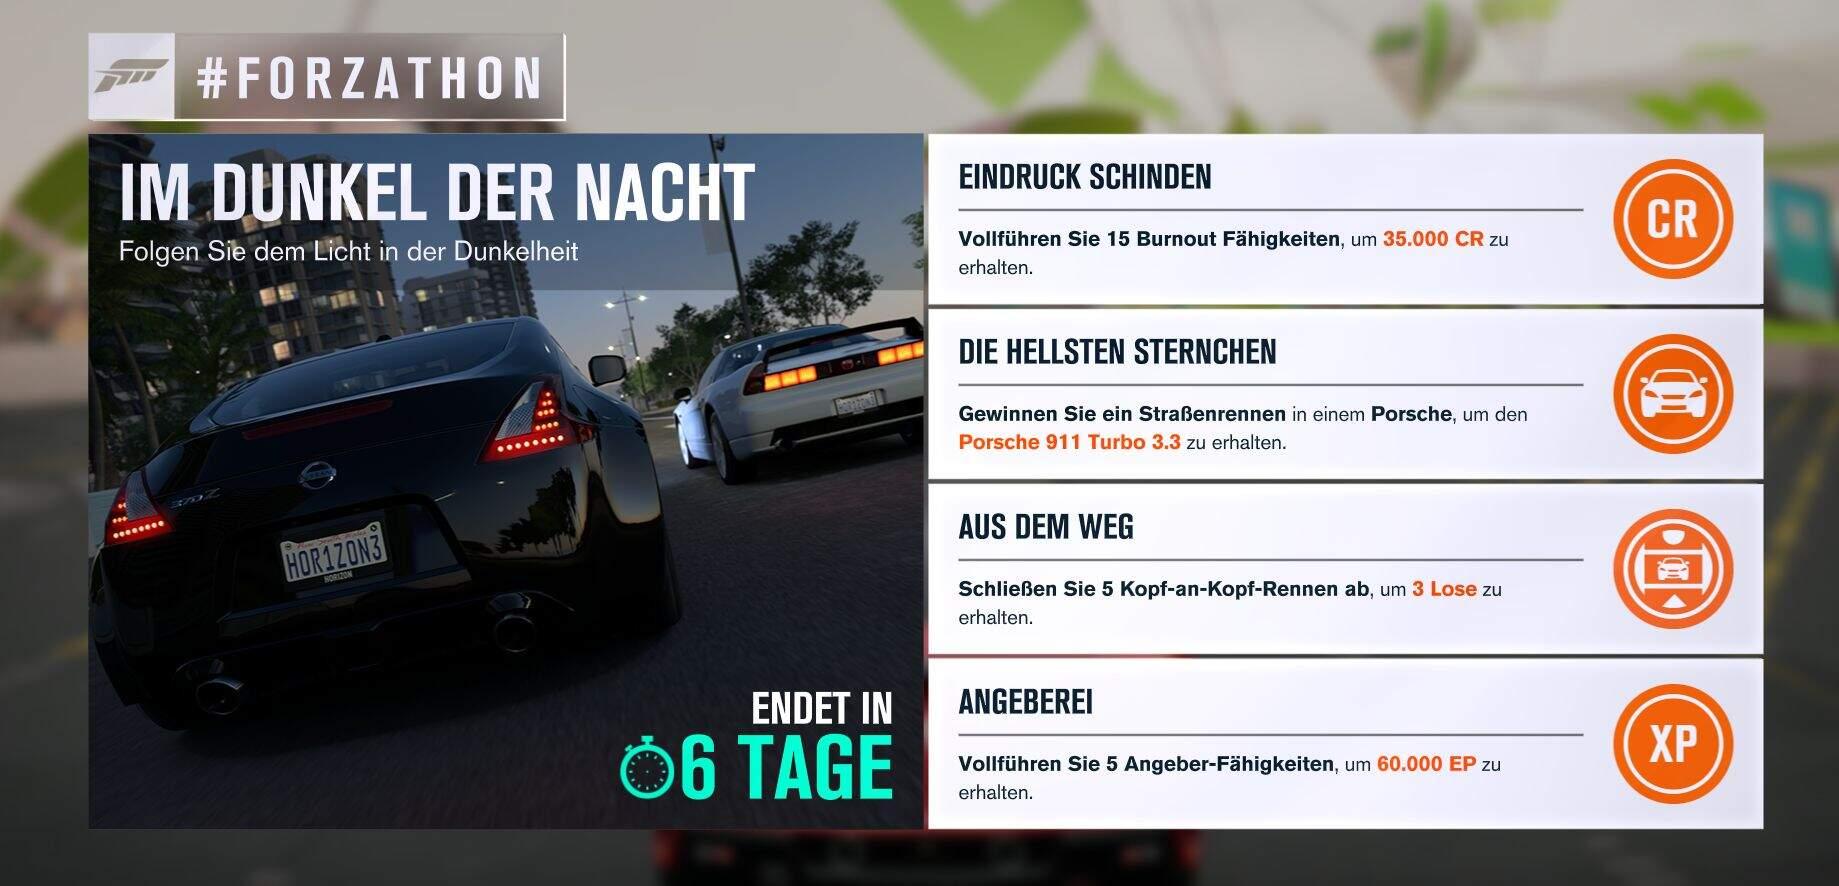 Forza Horizon 3 #Forzathon Guide KW 31 – Im Dunkel der Nacht